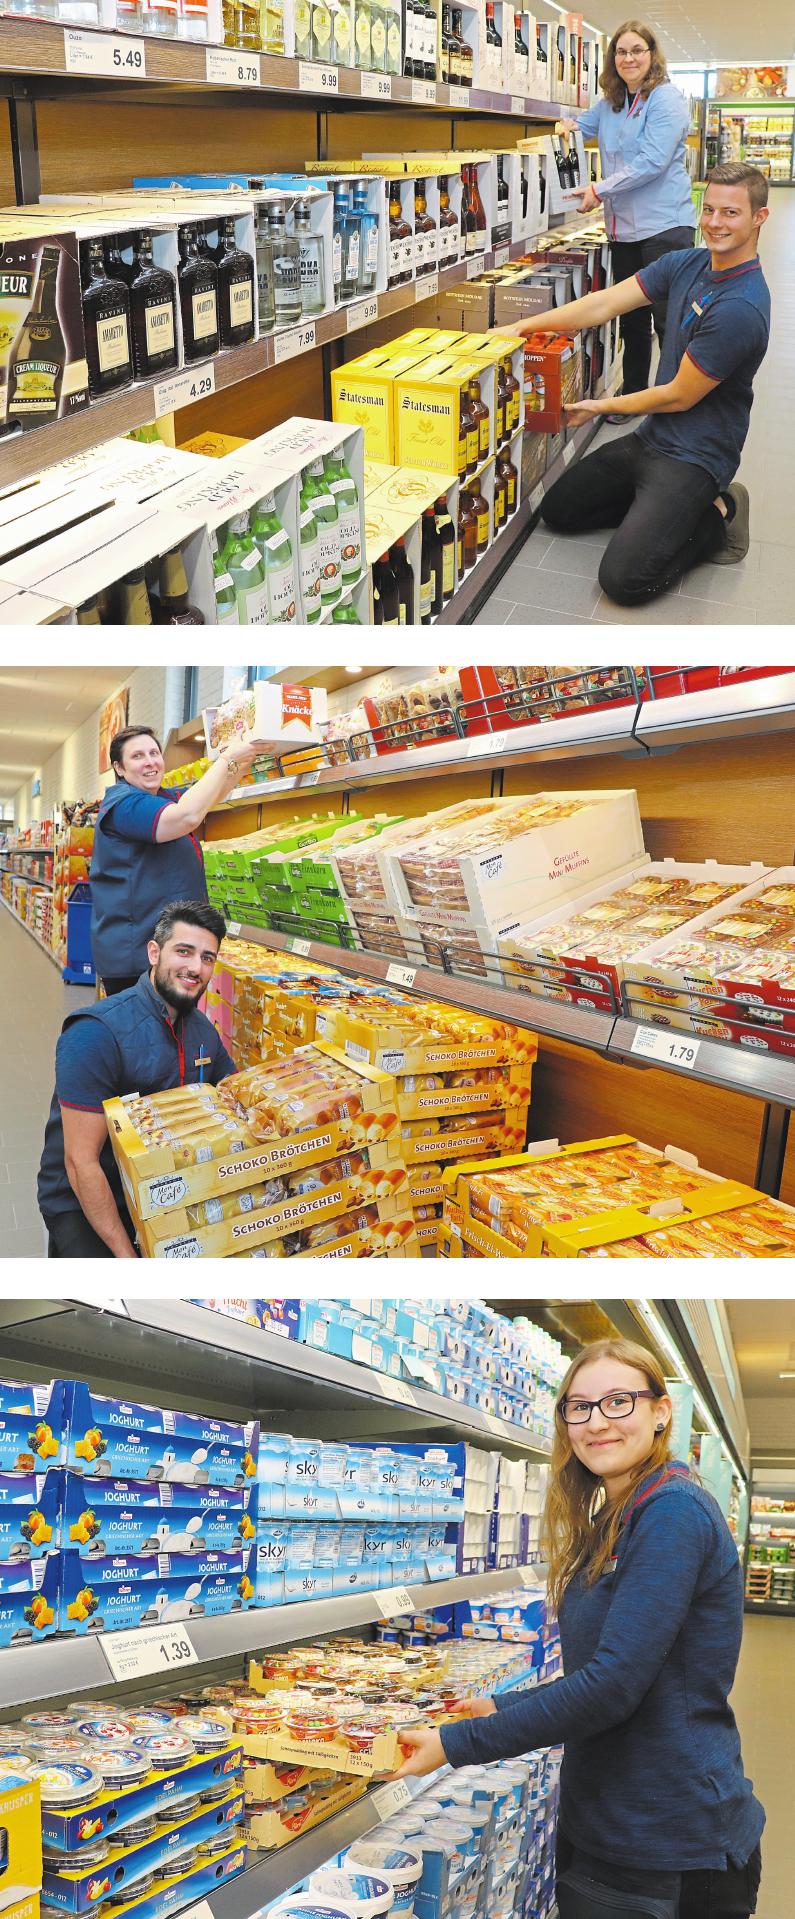 Aldi feiert neuen Markt mit Kunden Image 1